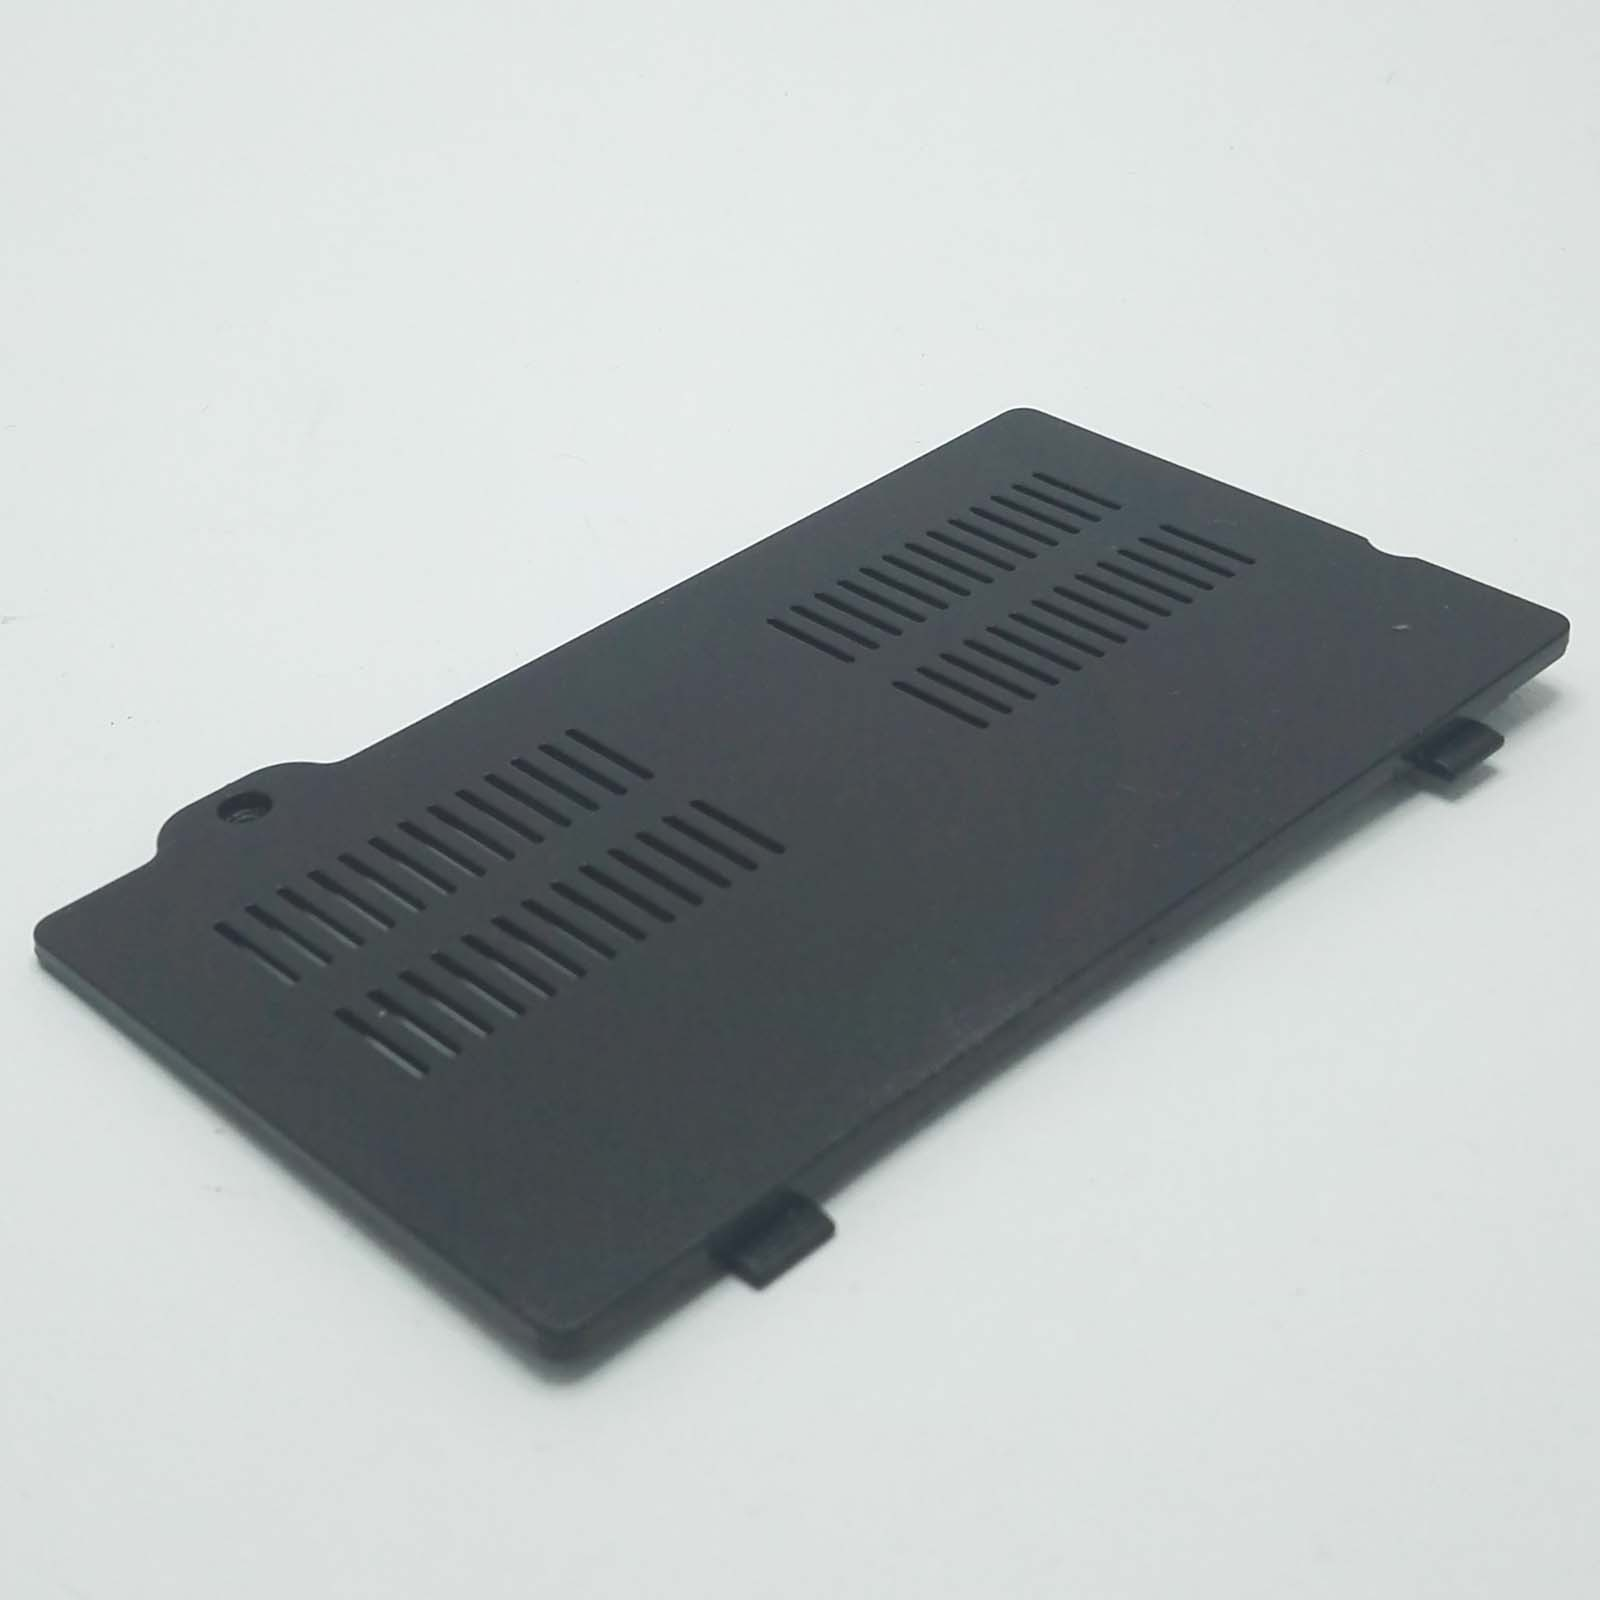 Sportellino memoria BA81-03831A Samsung R60 Plus NP-R60S vano memory tappo cover